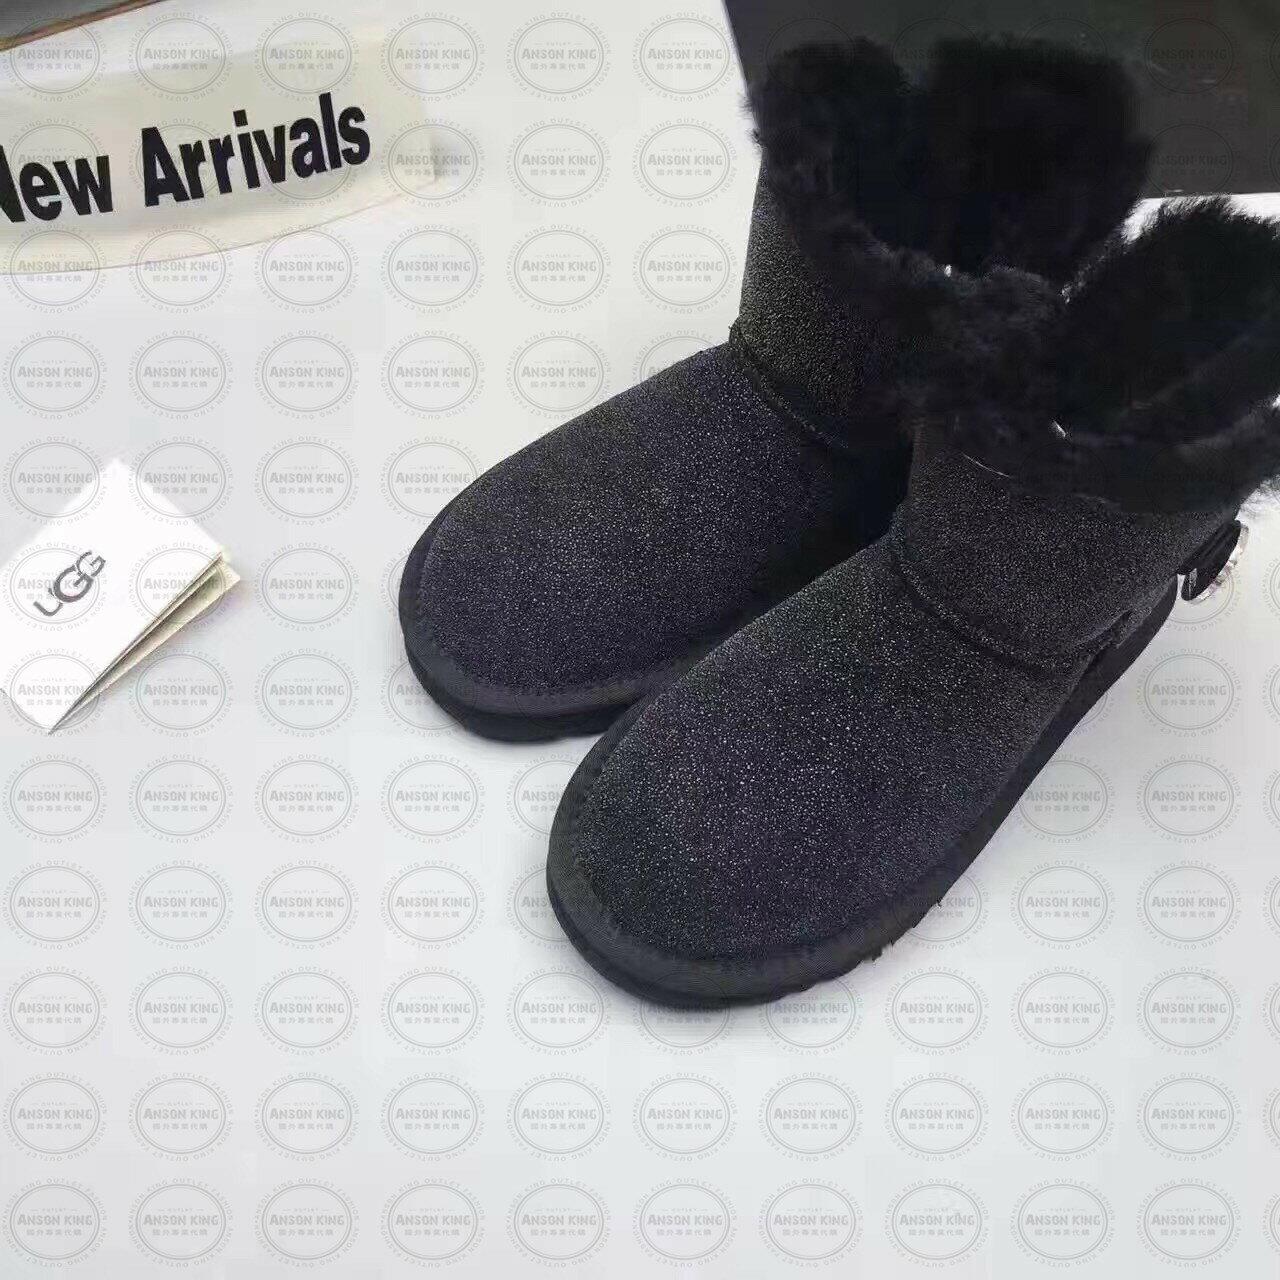 OUTLET正品代購 澳洲 UGG 明星同款水晶扣短靴 保暖 真皮羊皮毛 雪靴 短靴 黑色 0